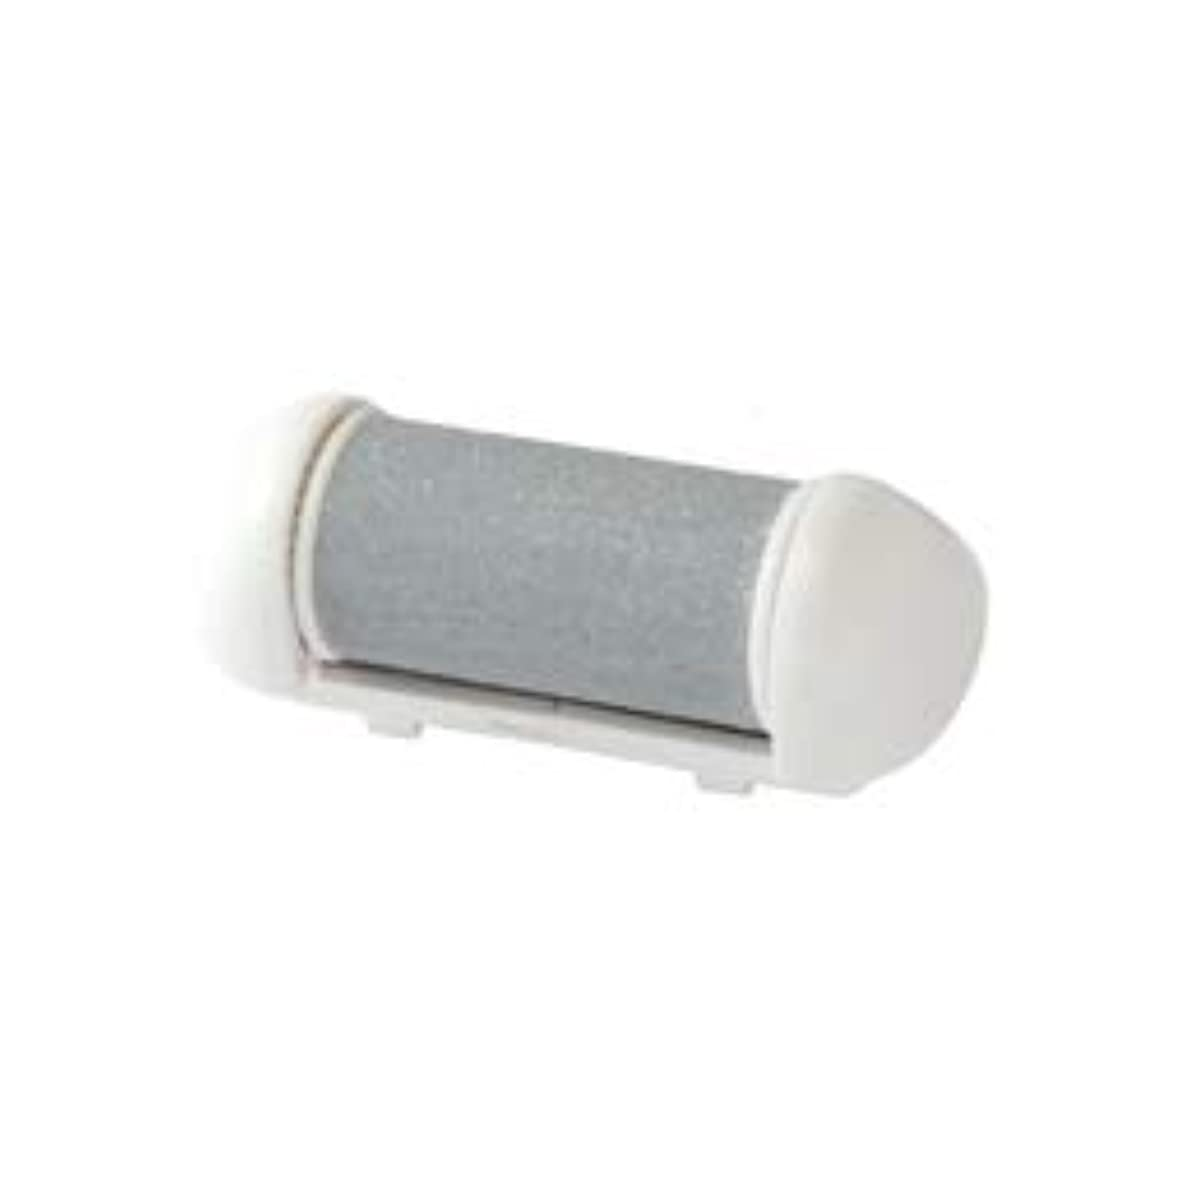 スロープ小数焦げ(2個まとめ売り) ウイキャン かかと美人専用 ローラーヘッド ソフト 8112751